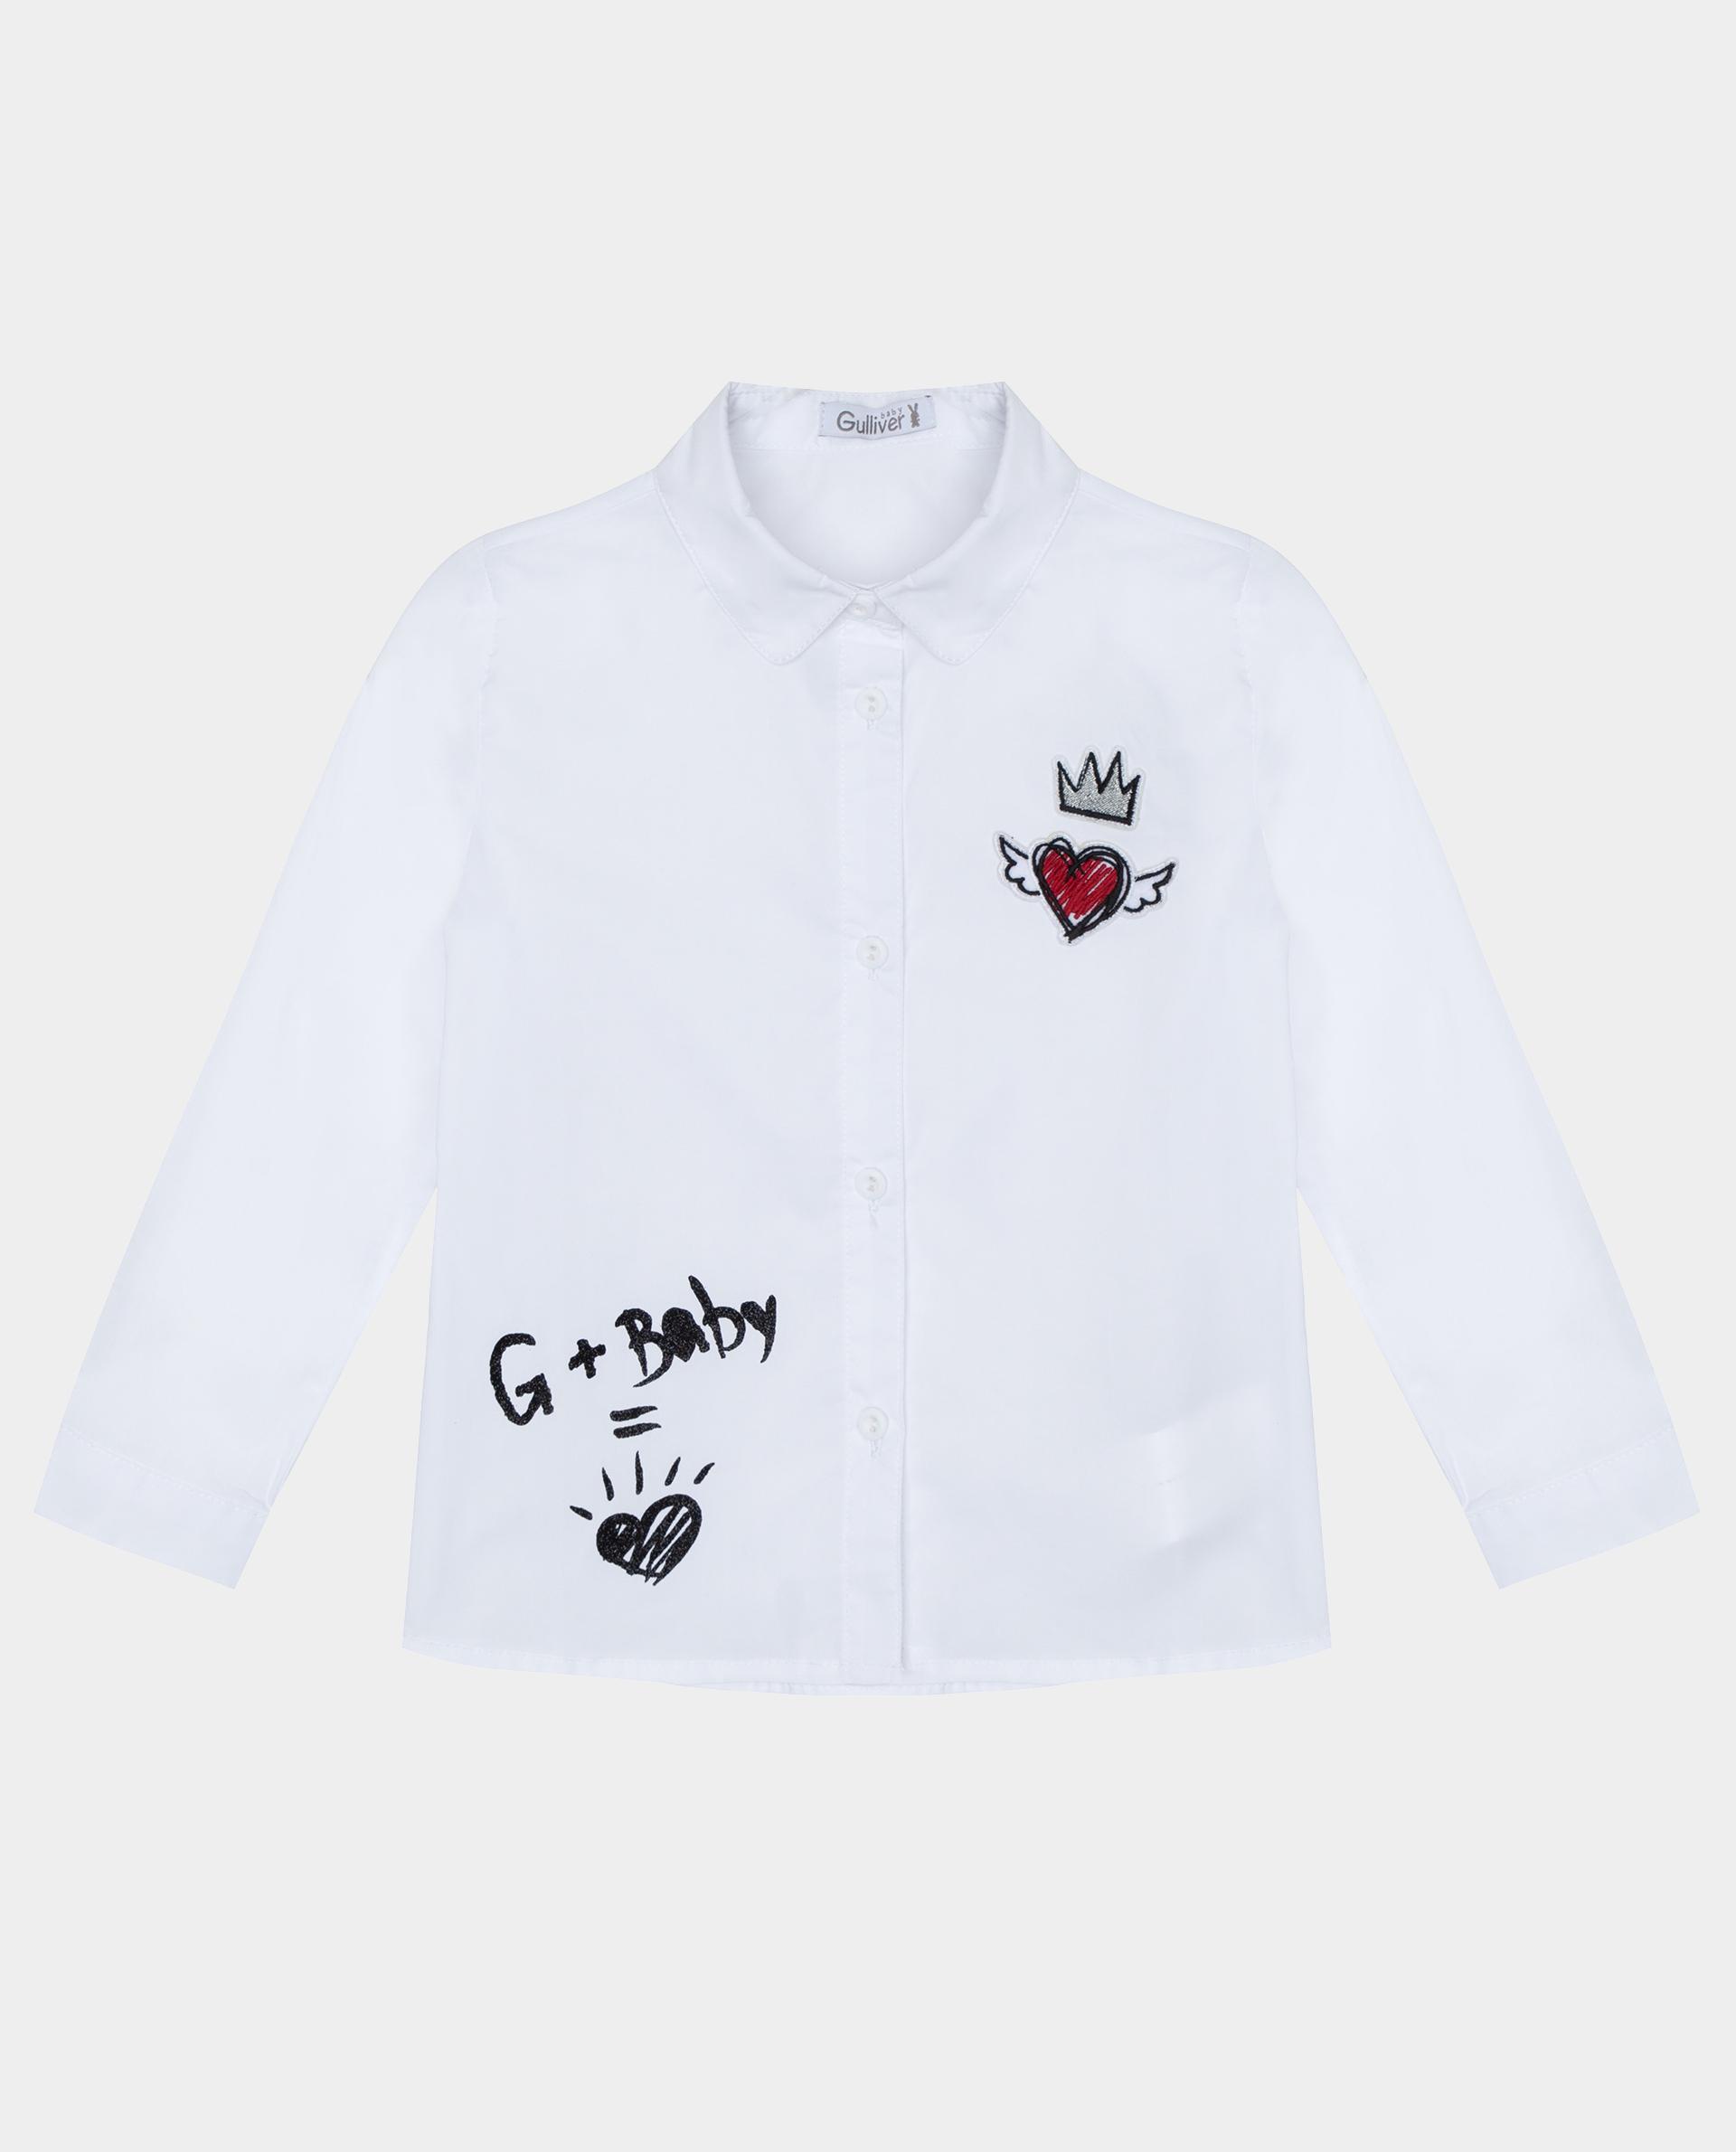 Купить 22031GBC2201, Белая рубашка с длинным рукавом Gulliver, белый, 92, Хлопок, Женский, Демисезон, ОСЕНЬ/ЗИМА 2020-2021 (shop: GulliverMarket Gulliver Market)